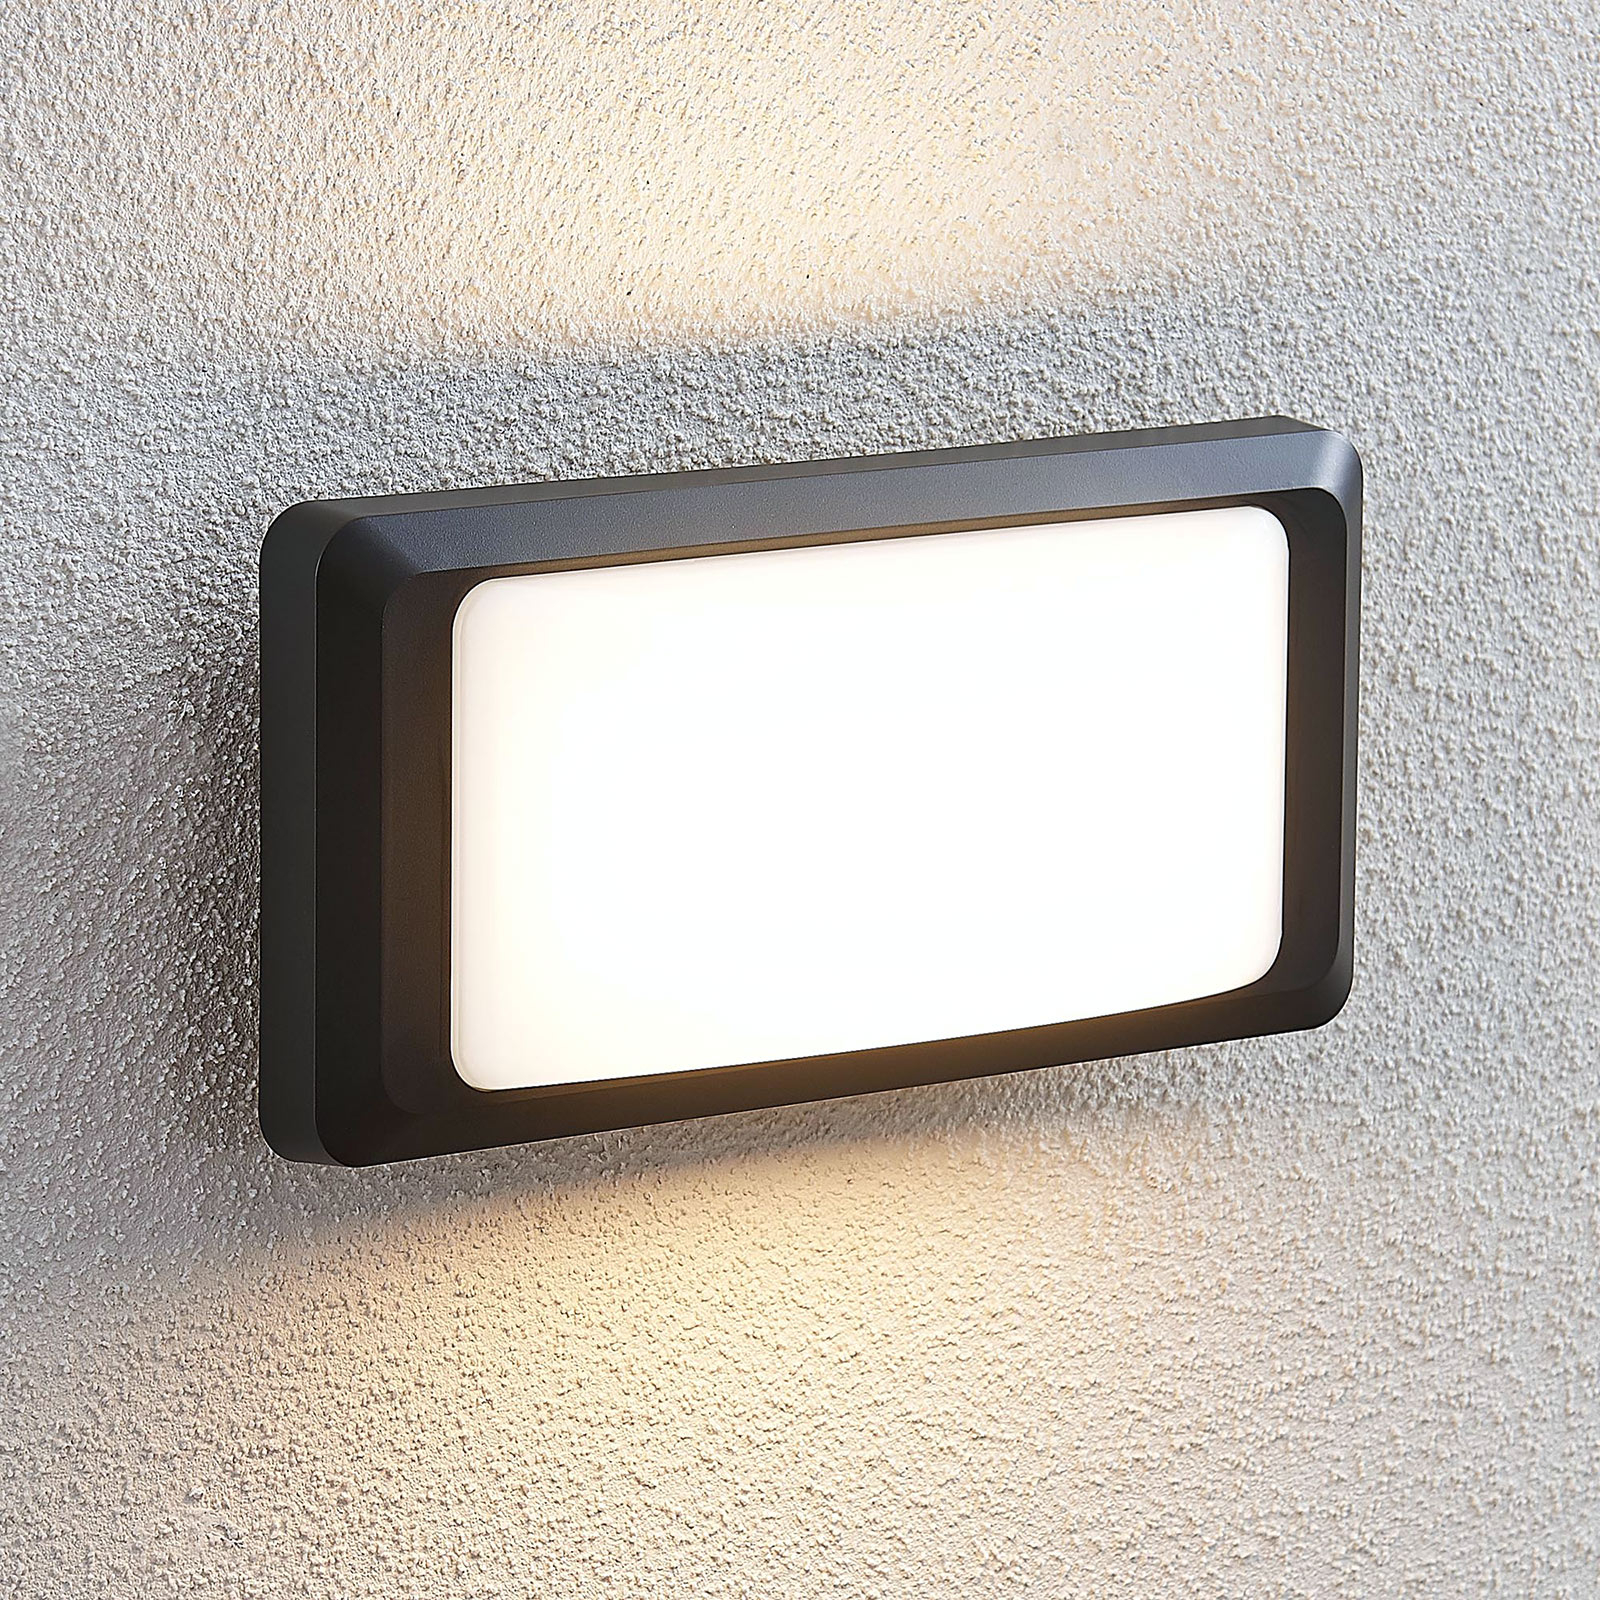 LED-ulkoseinälamppu Iskia, ilman raitaa